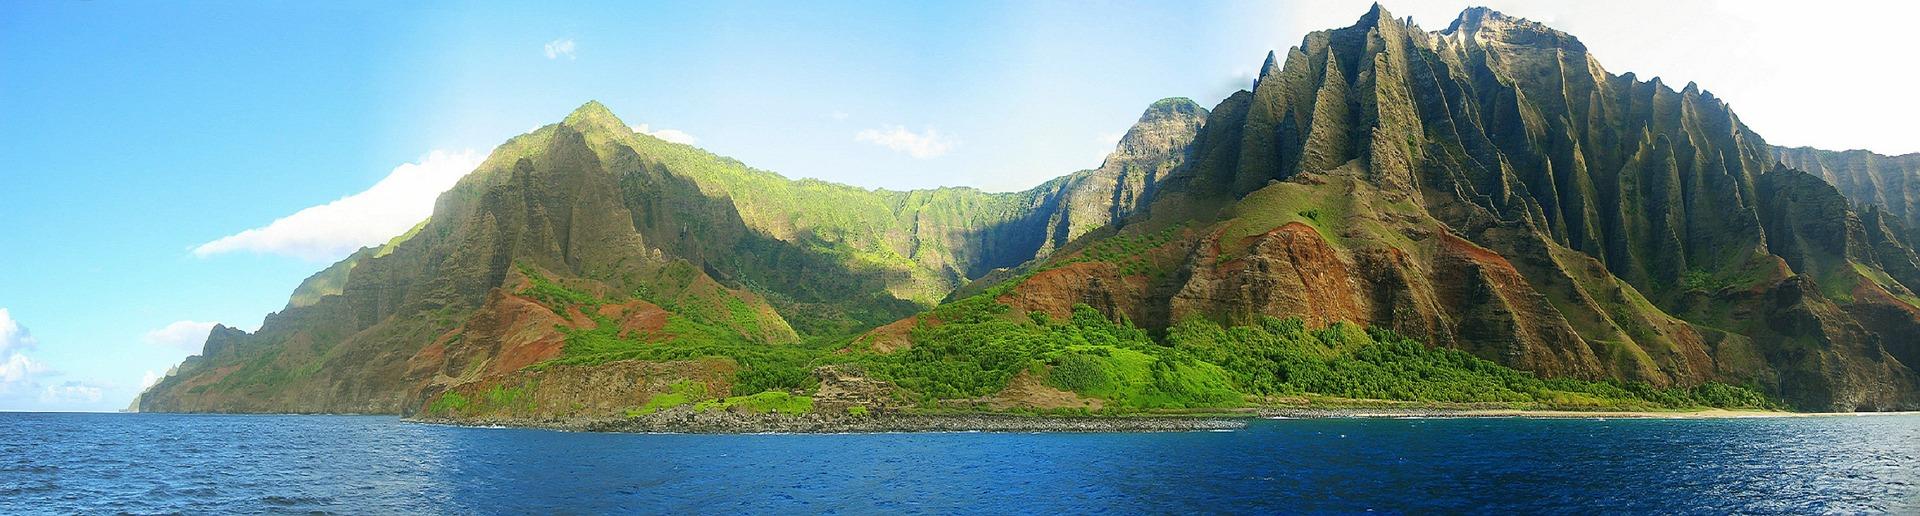 Kaua'i in Hawaii